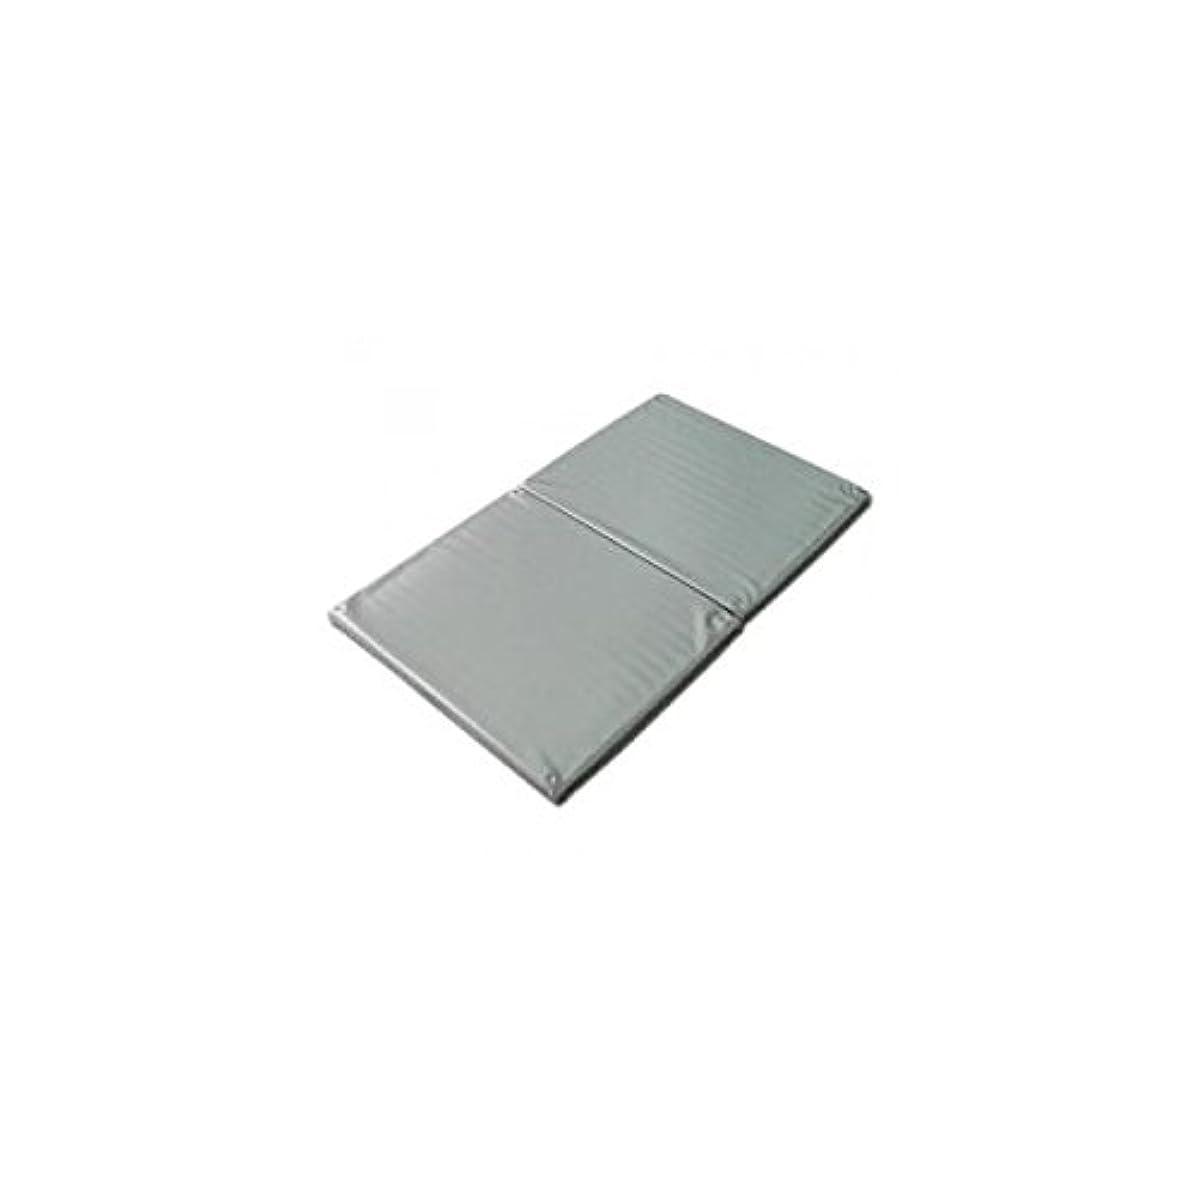 入るペフ吸収するヨックお風呂のマッサージ用マットP(2ツ折)シルバー 120×70cm│防水マッサージマット ポリエチレン製